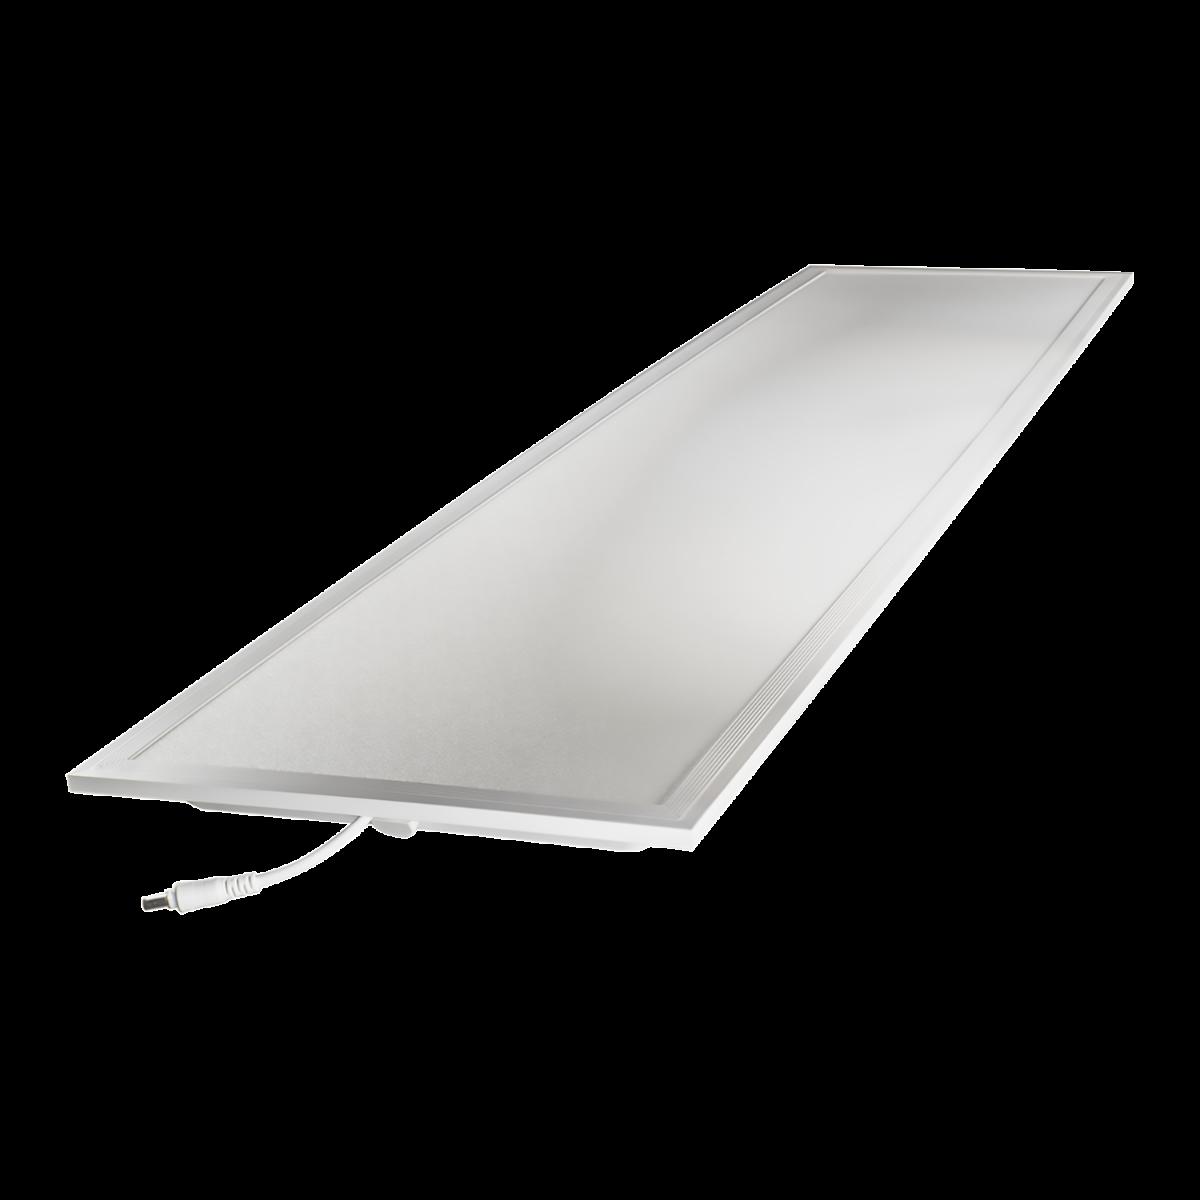 Noxion LED Panel Delta Pro Highlum V2.0 40W 30x120cm 6500K 5480lm UGR <19 | Replacer for 2x36W